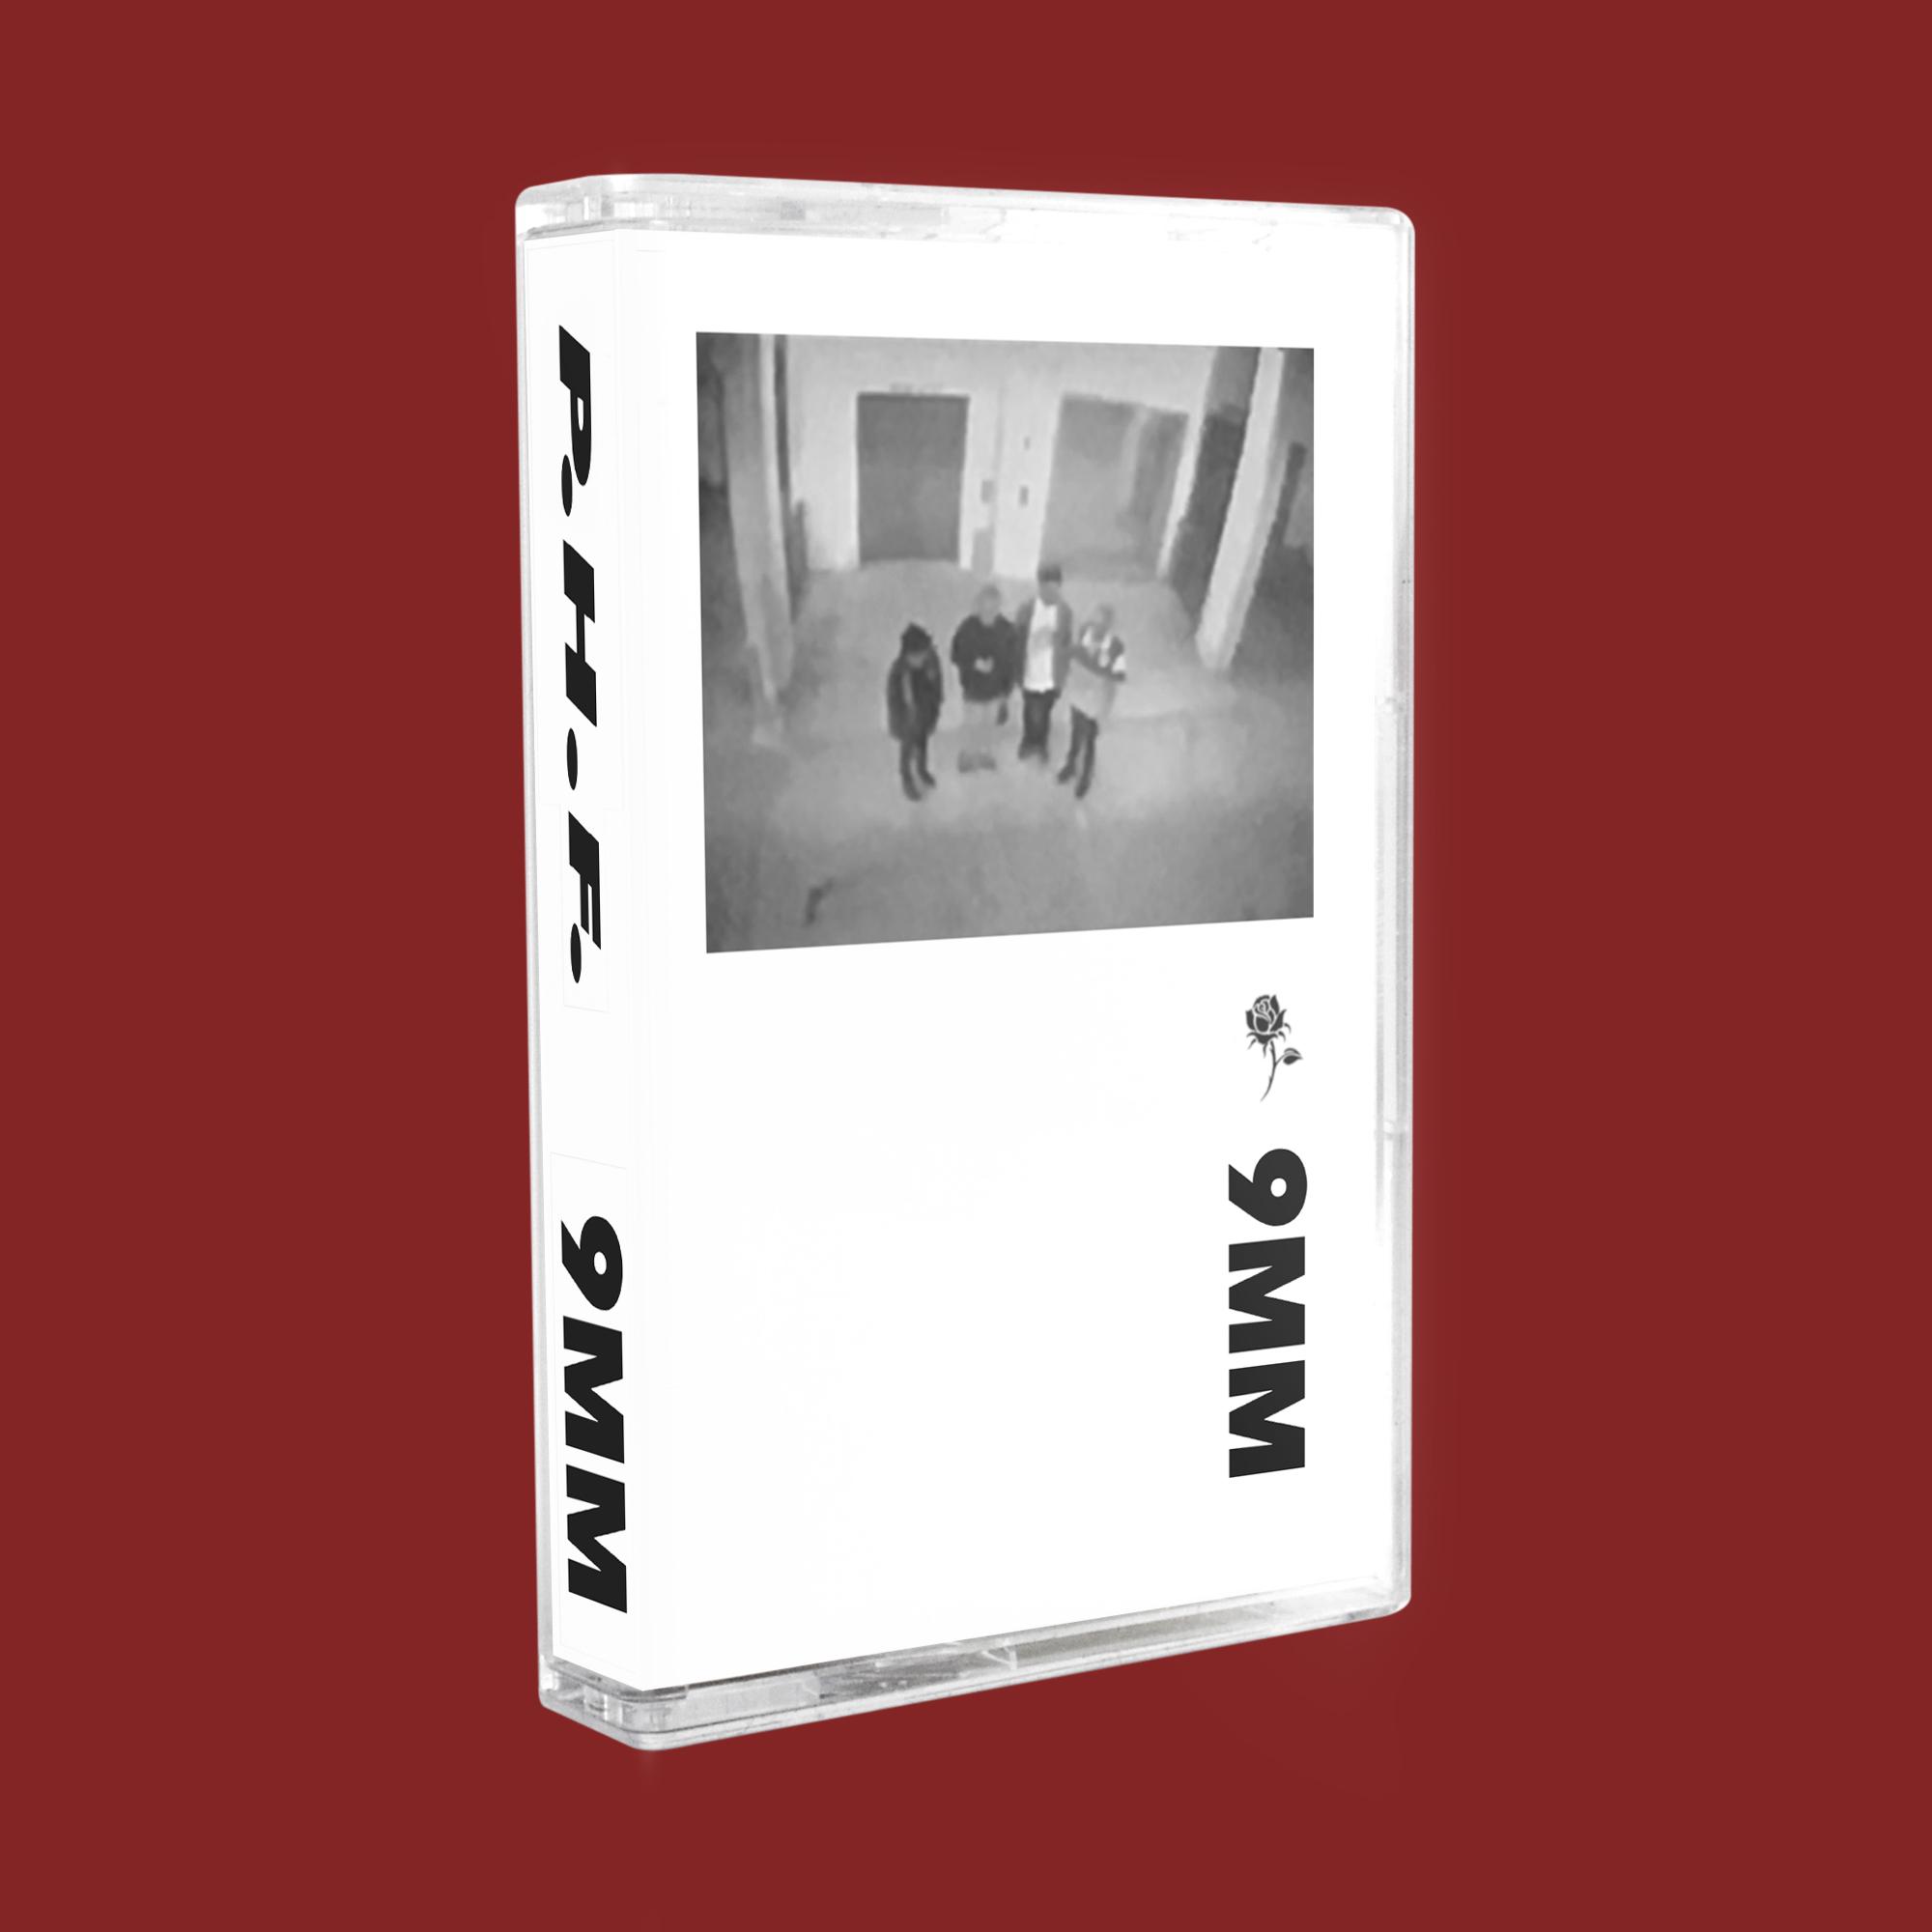 P.H.F. - 9MM (cassette + bundles)